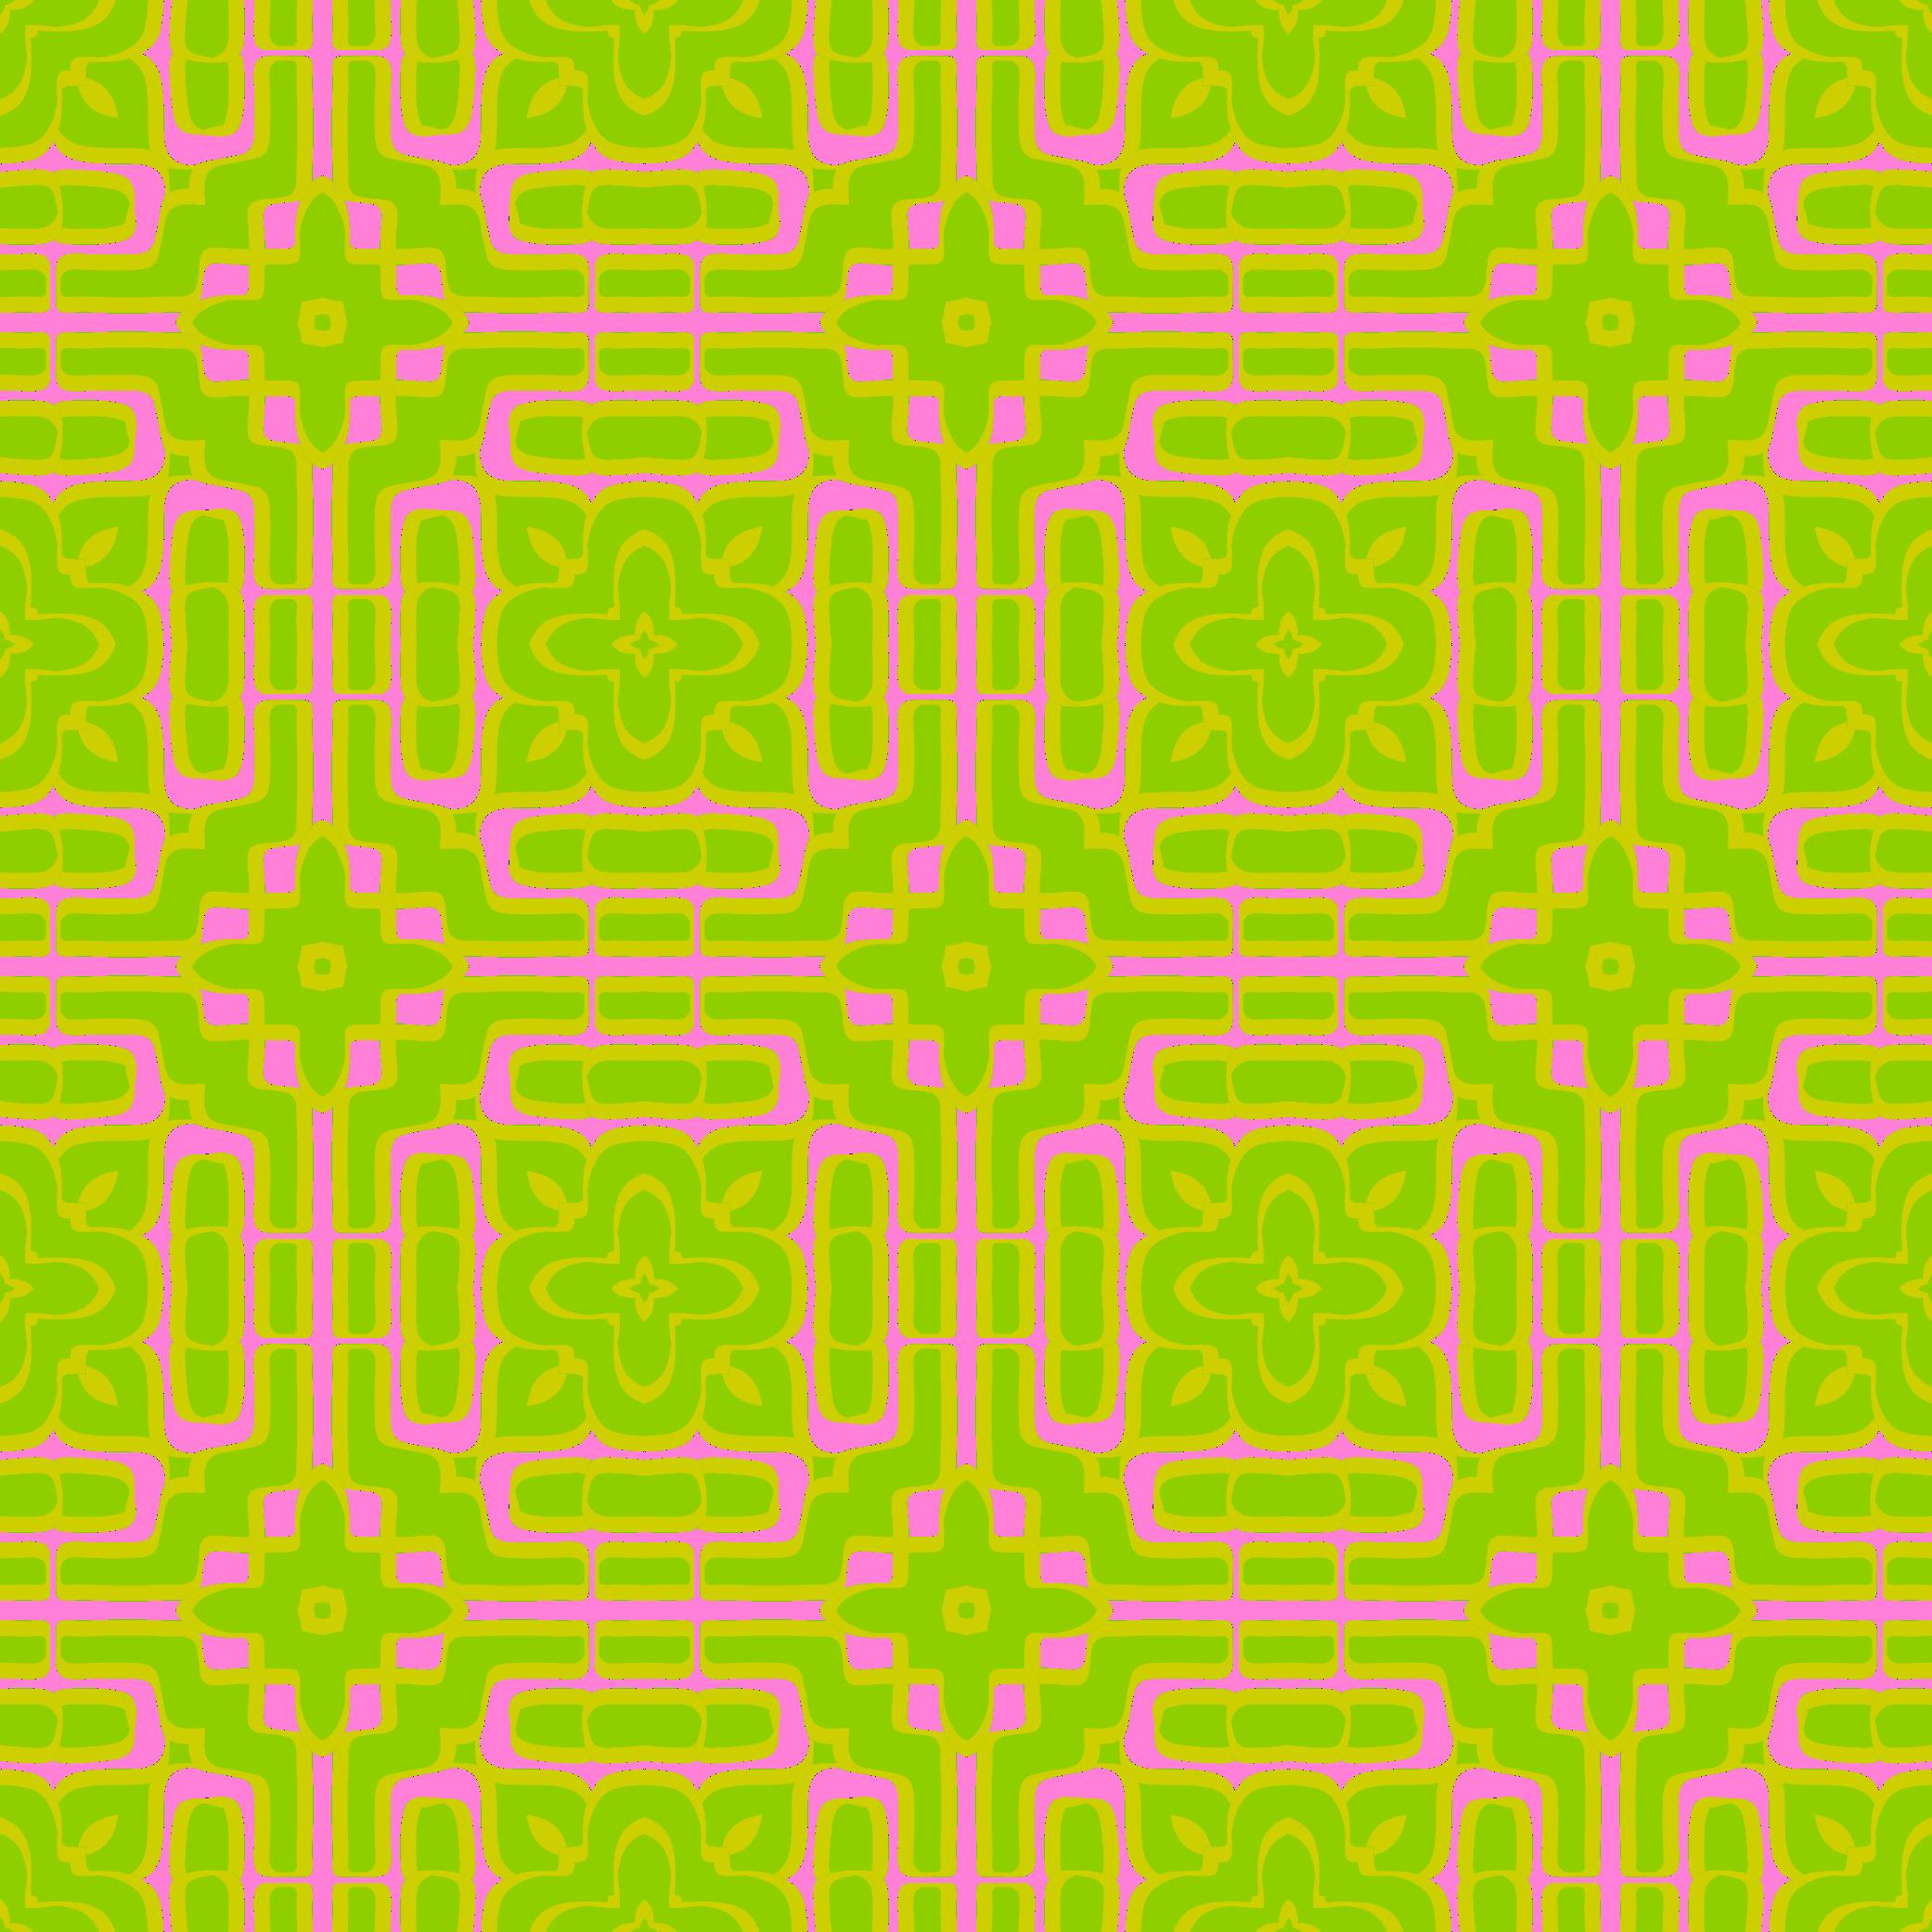 Tropical Folk pattern3.png